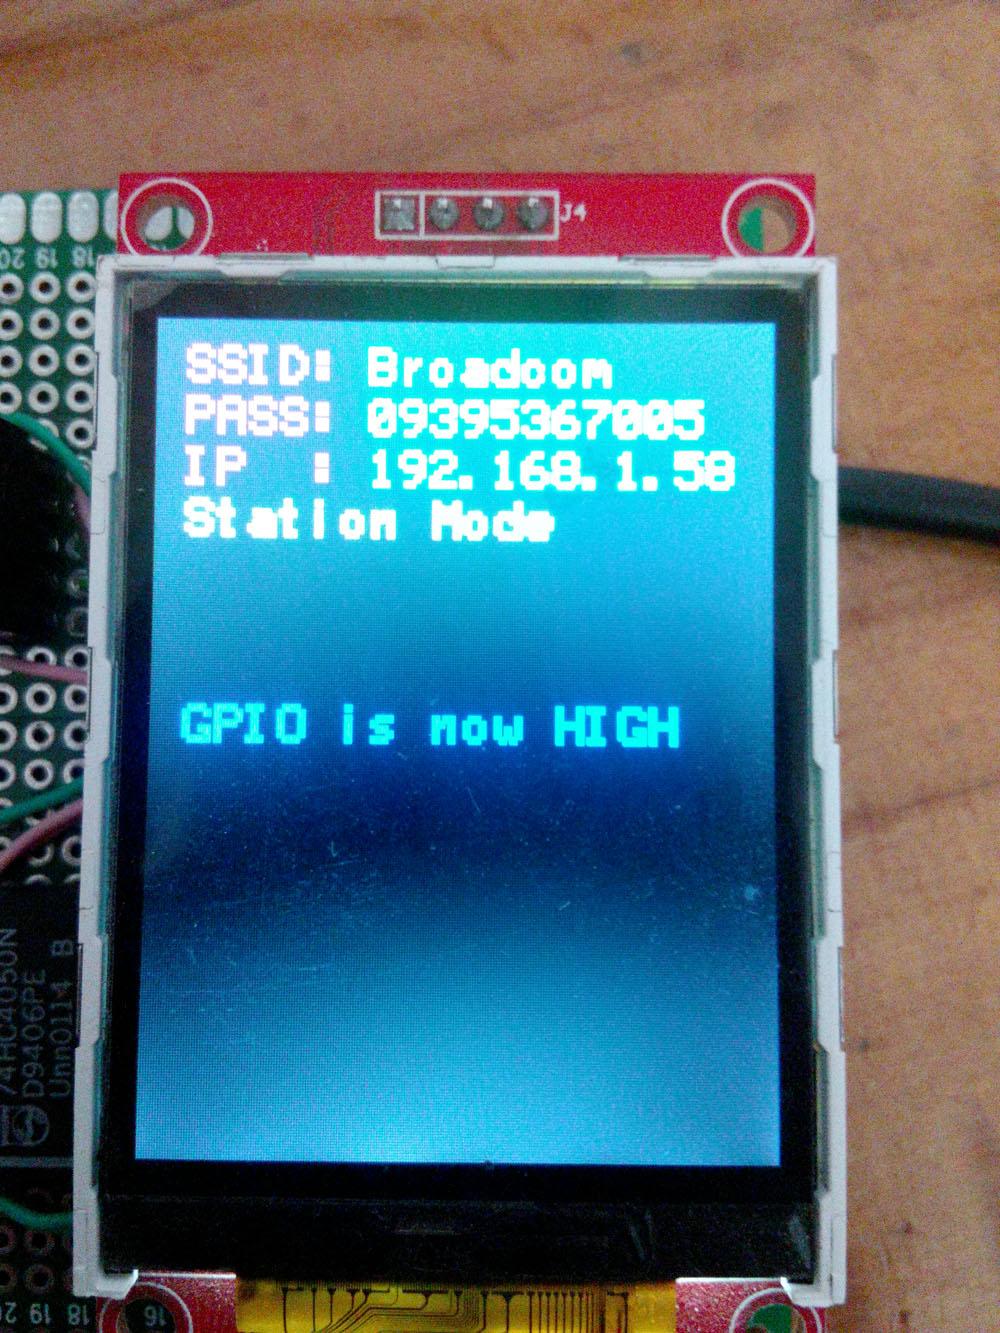 اتصال نمایشگر ۲٫۲ اینچ (ILI9341) به ماژول ESP8266 سری ۰۷